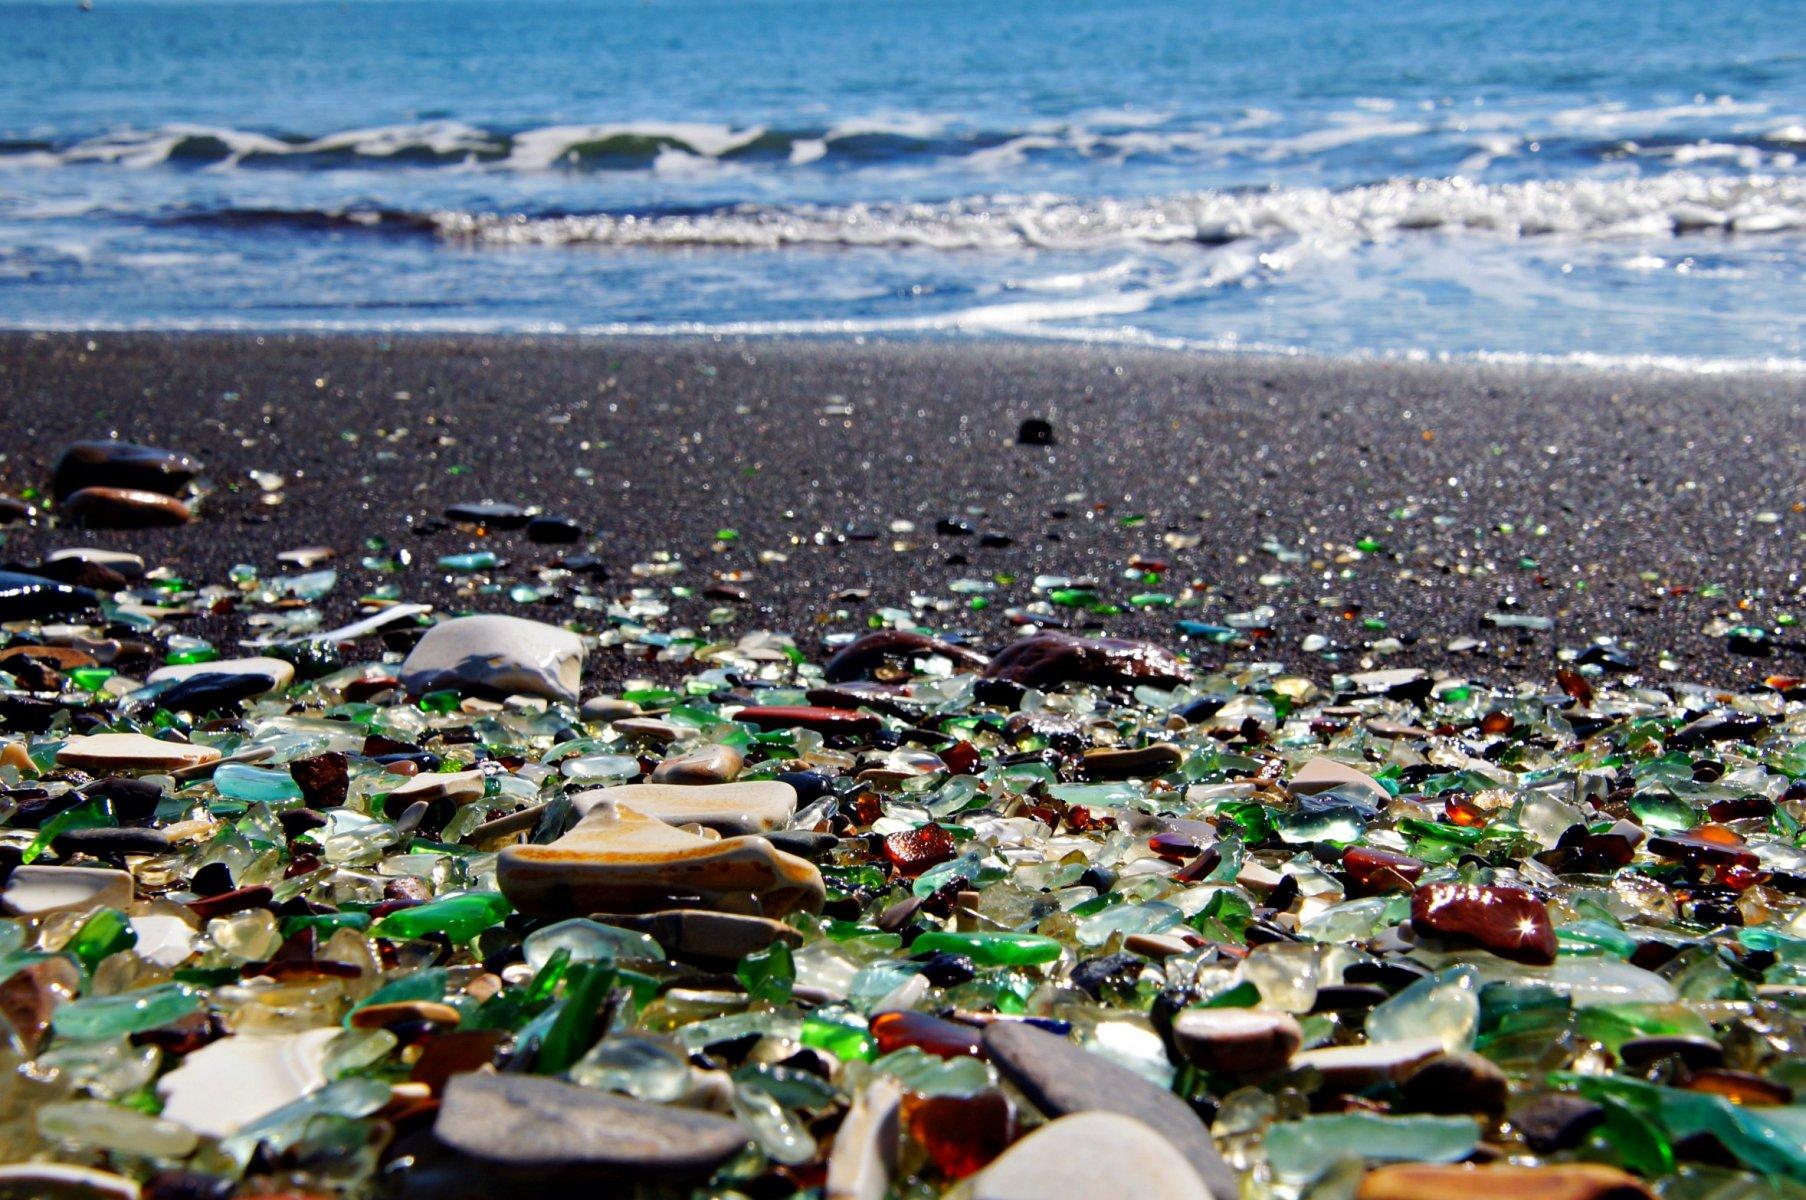 Пляж стекляшка владивосток фото авторских